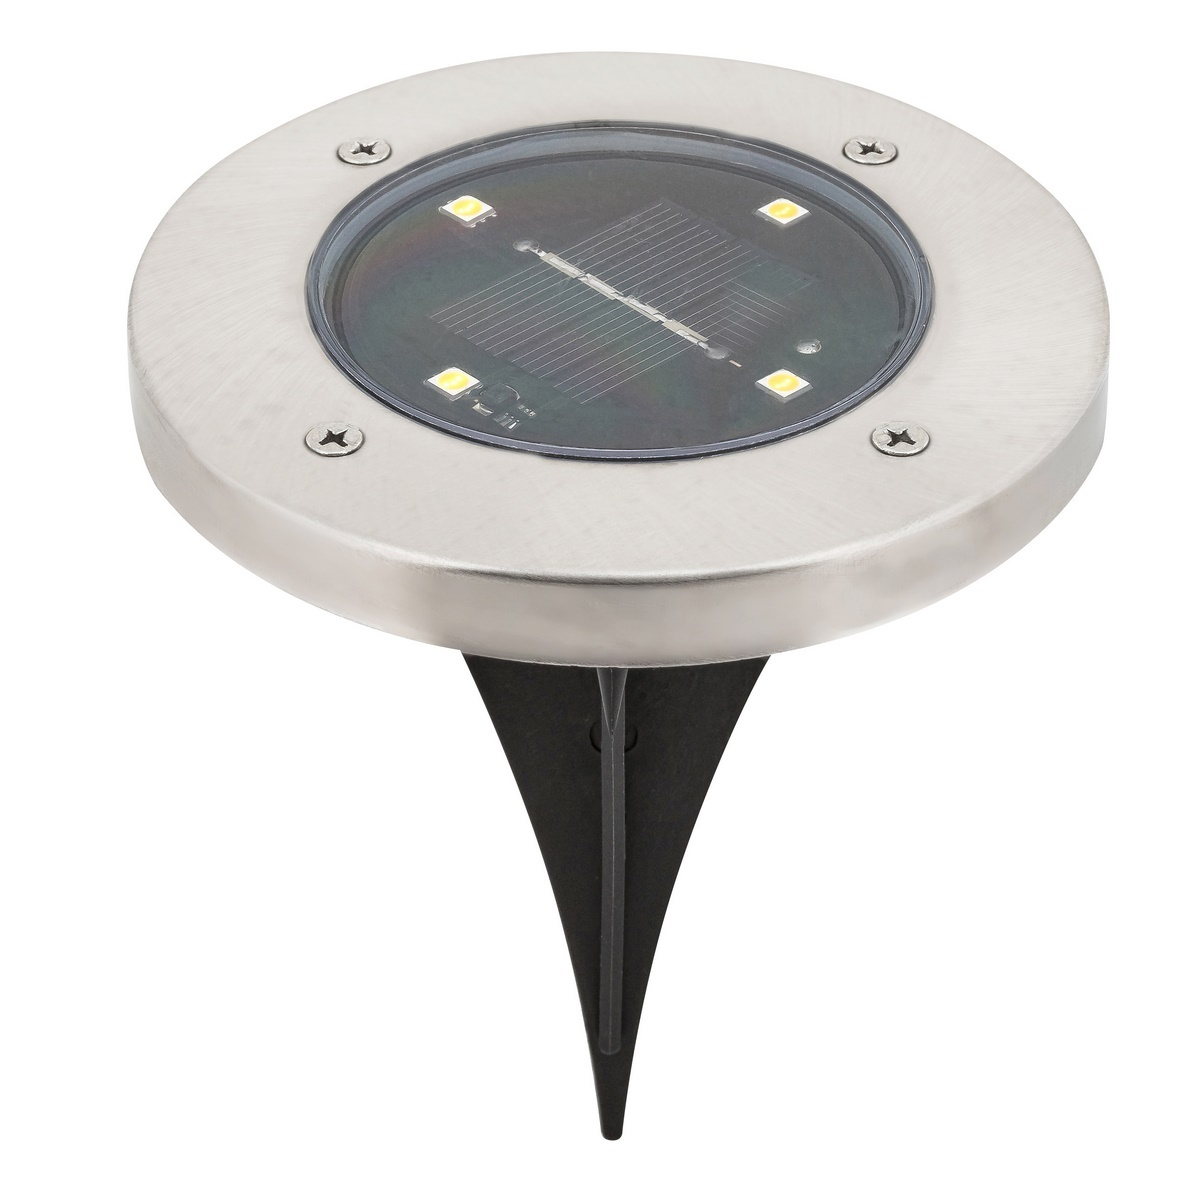 Rabalux 7975 Dannet Solární LED venkovní svítidlo, černá